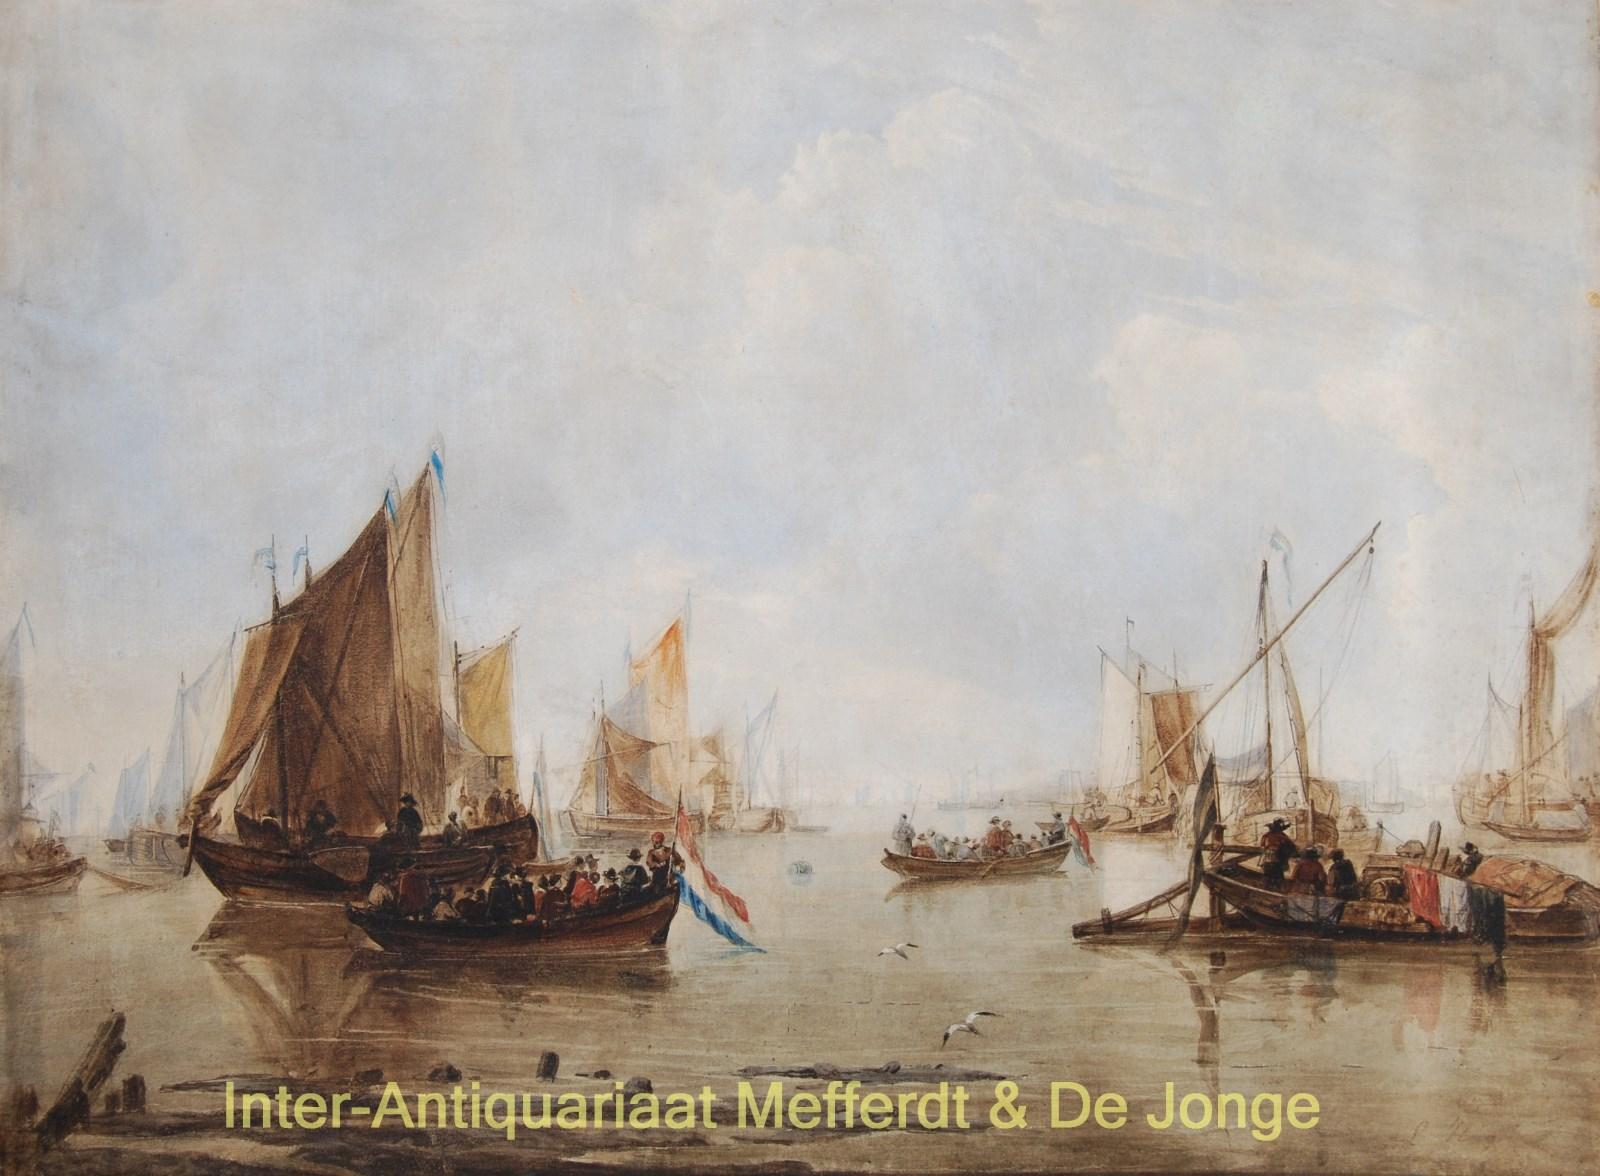 CAPELLE,  NAAR JAN VAN DE - Historiserend riviergezicht naar Jan van de Capelle